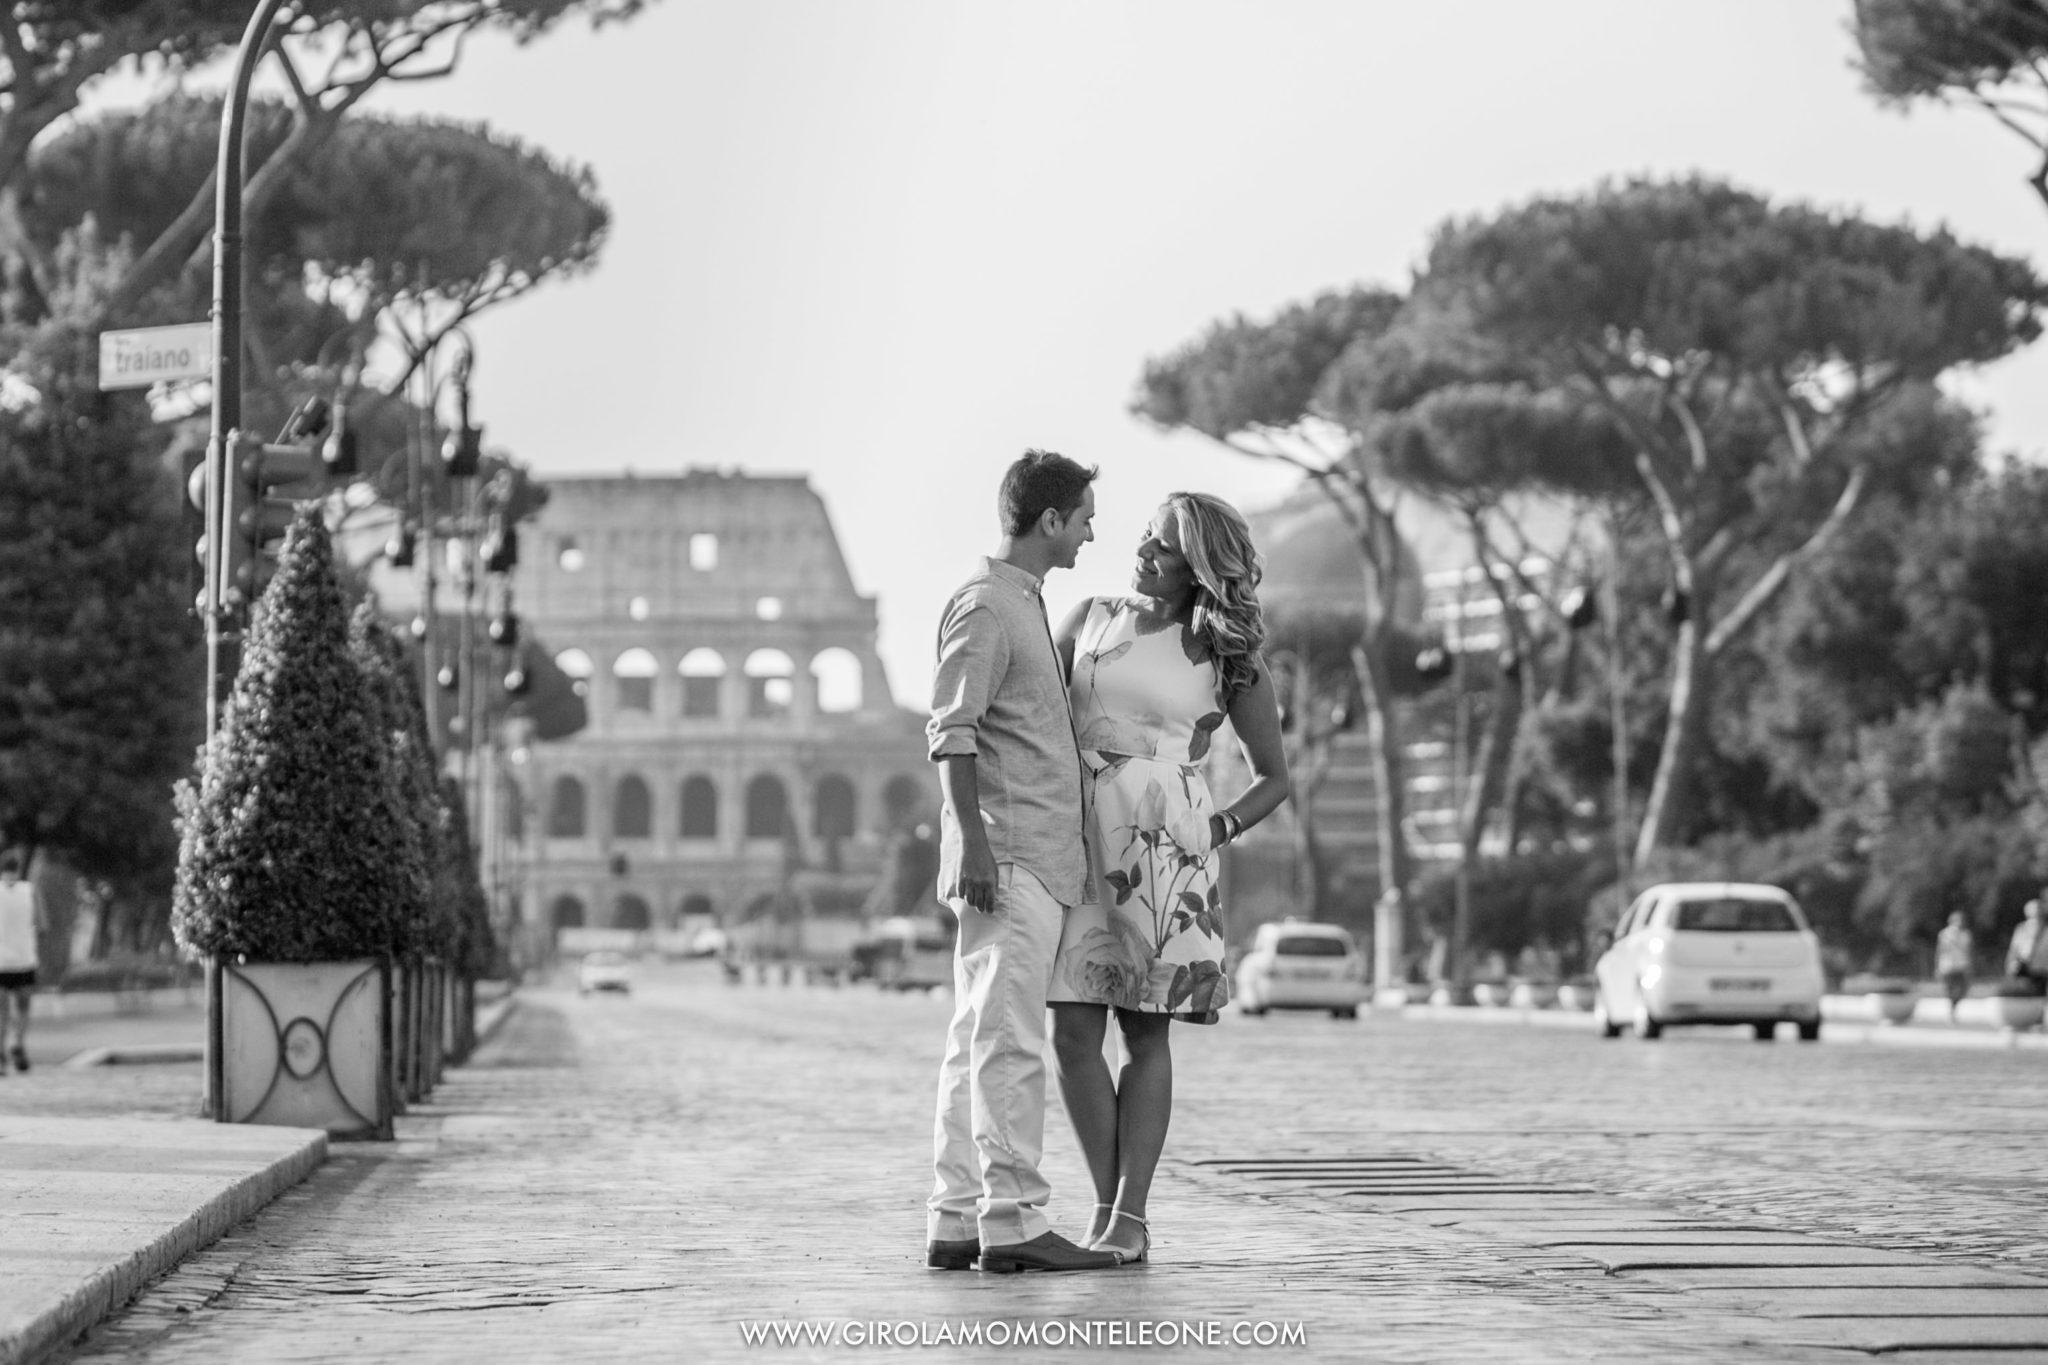 THINGS TO DO IN ROME PROFESSIONAL PHOTOGRAPHER GIROLAMO MONTELEONE www.girolamomonteleone.com -220703232142